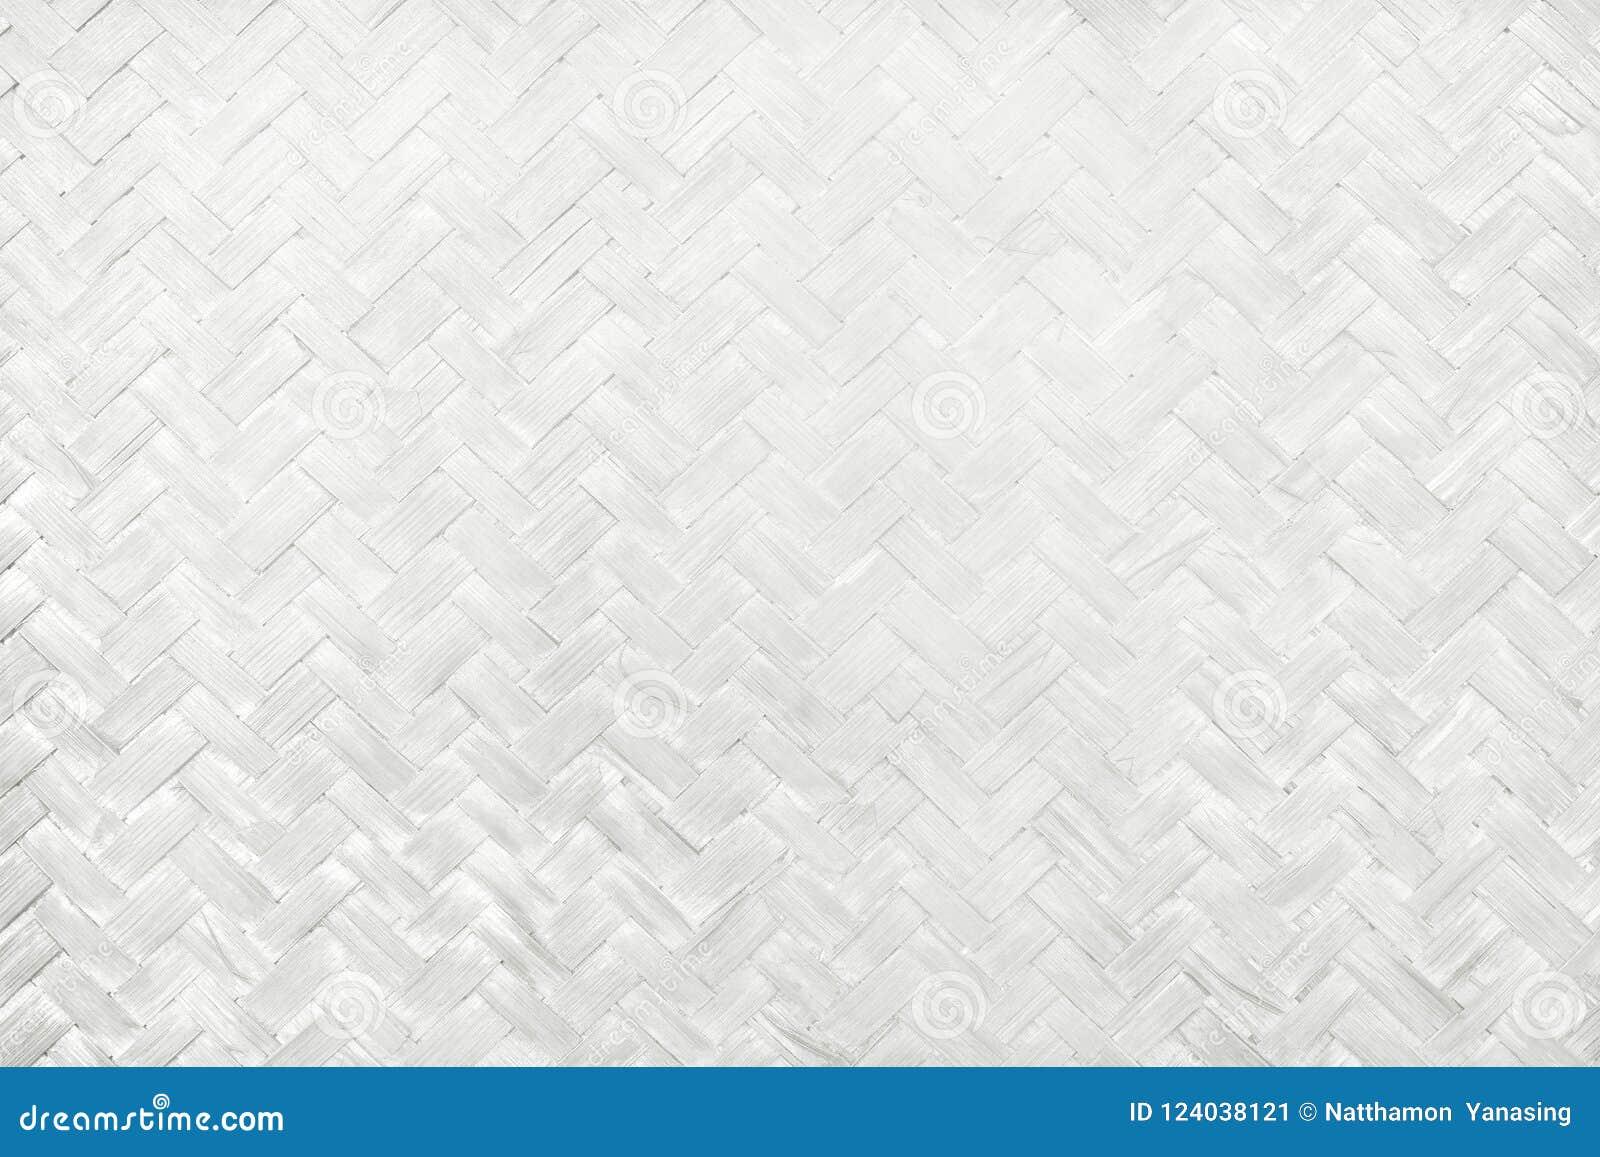 Modelo que teje de bambú blanco, textura tejida de la estera de la rota para el fondo y trabajo de arte del diseño